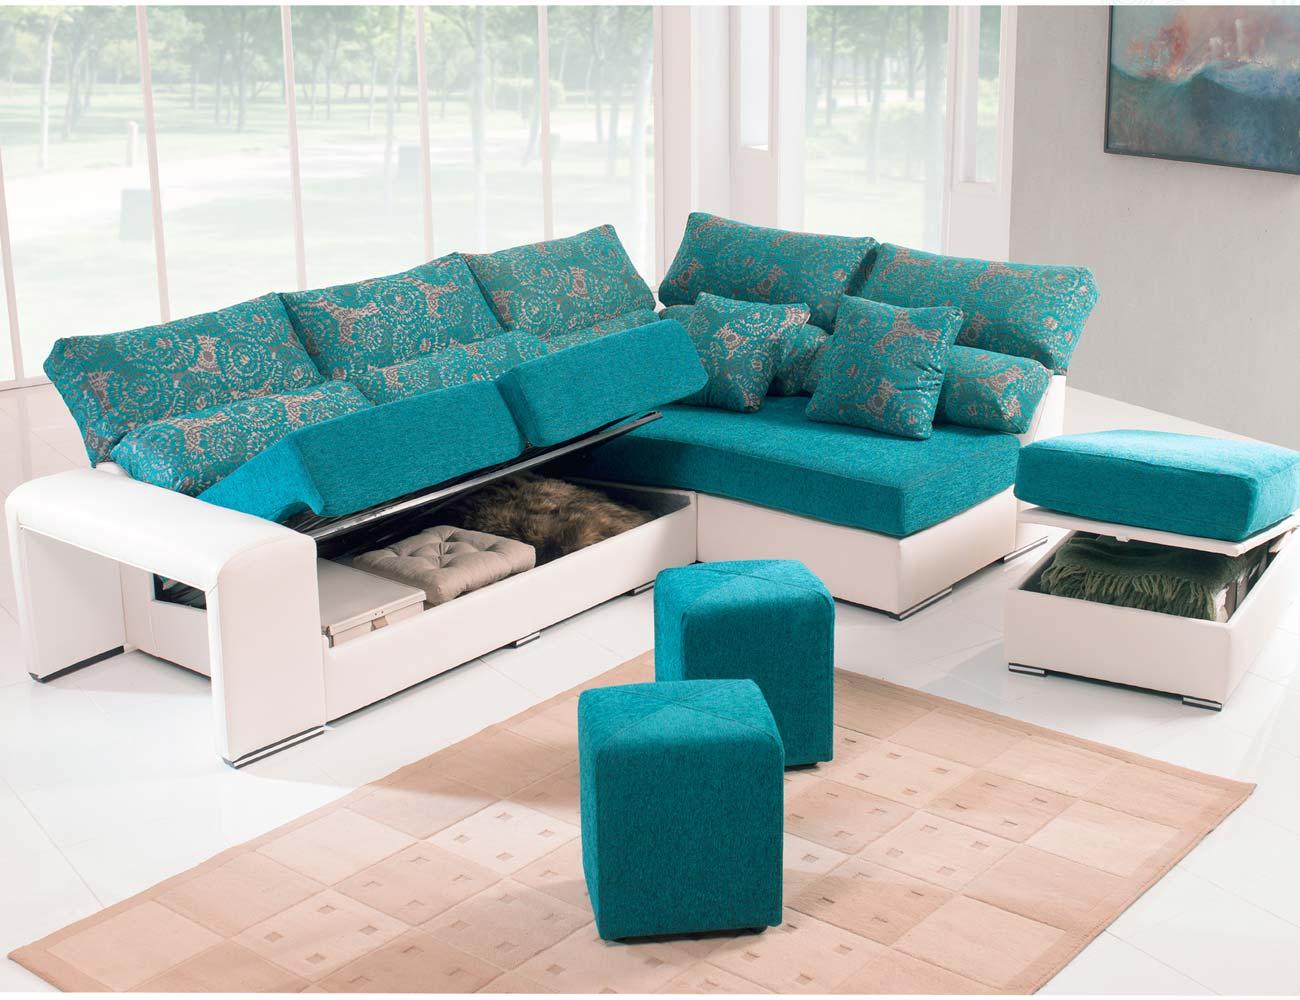 Sofa chaiselongue rincon puff arcon taburete5